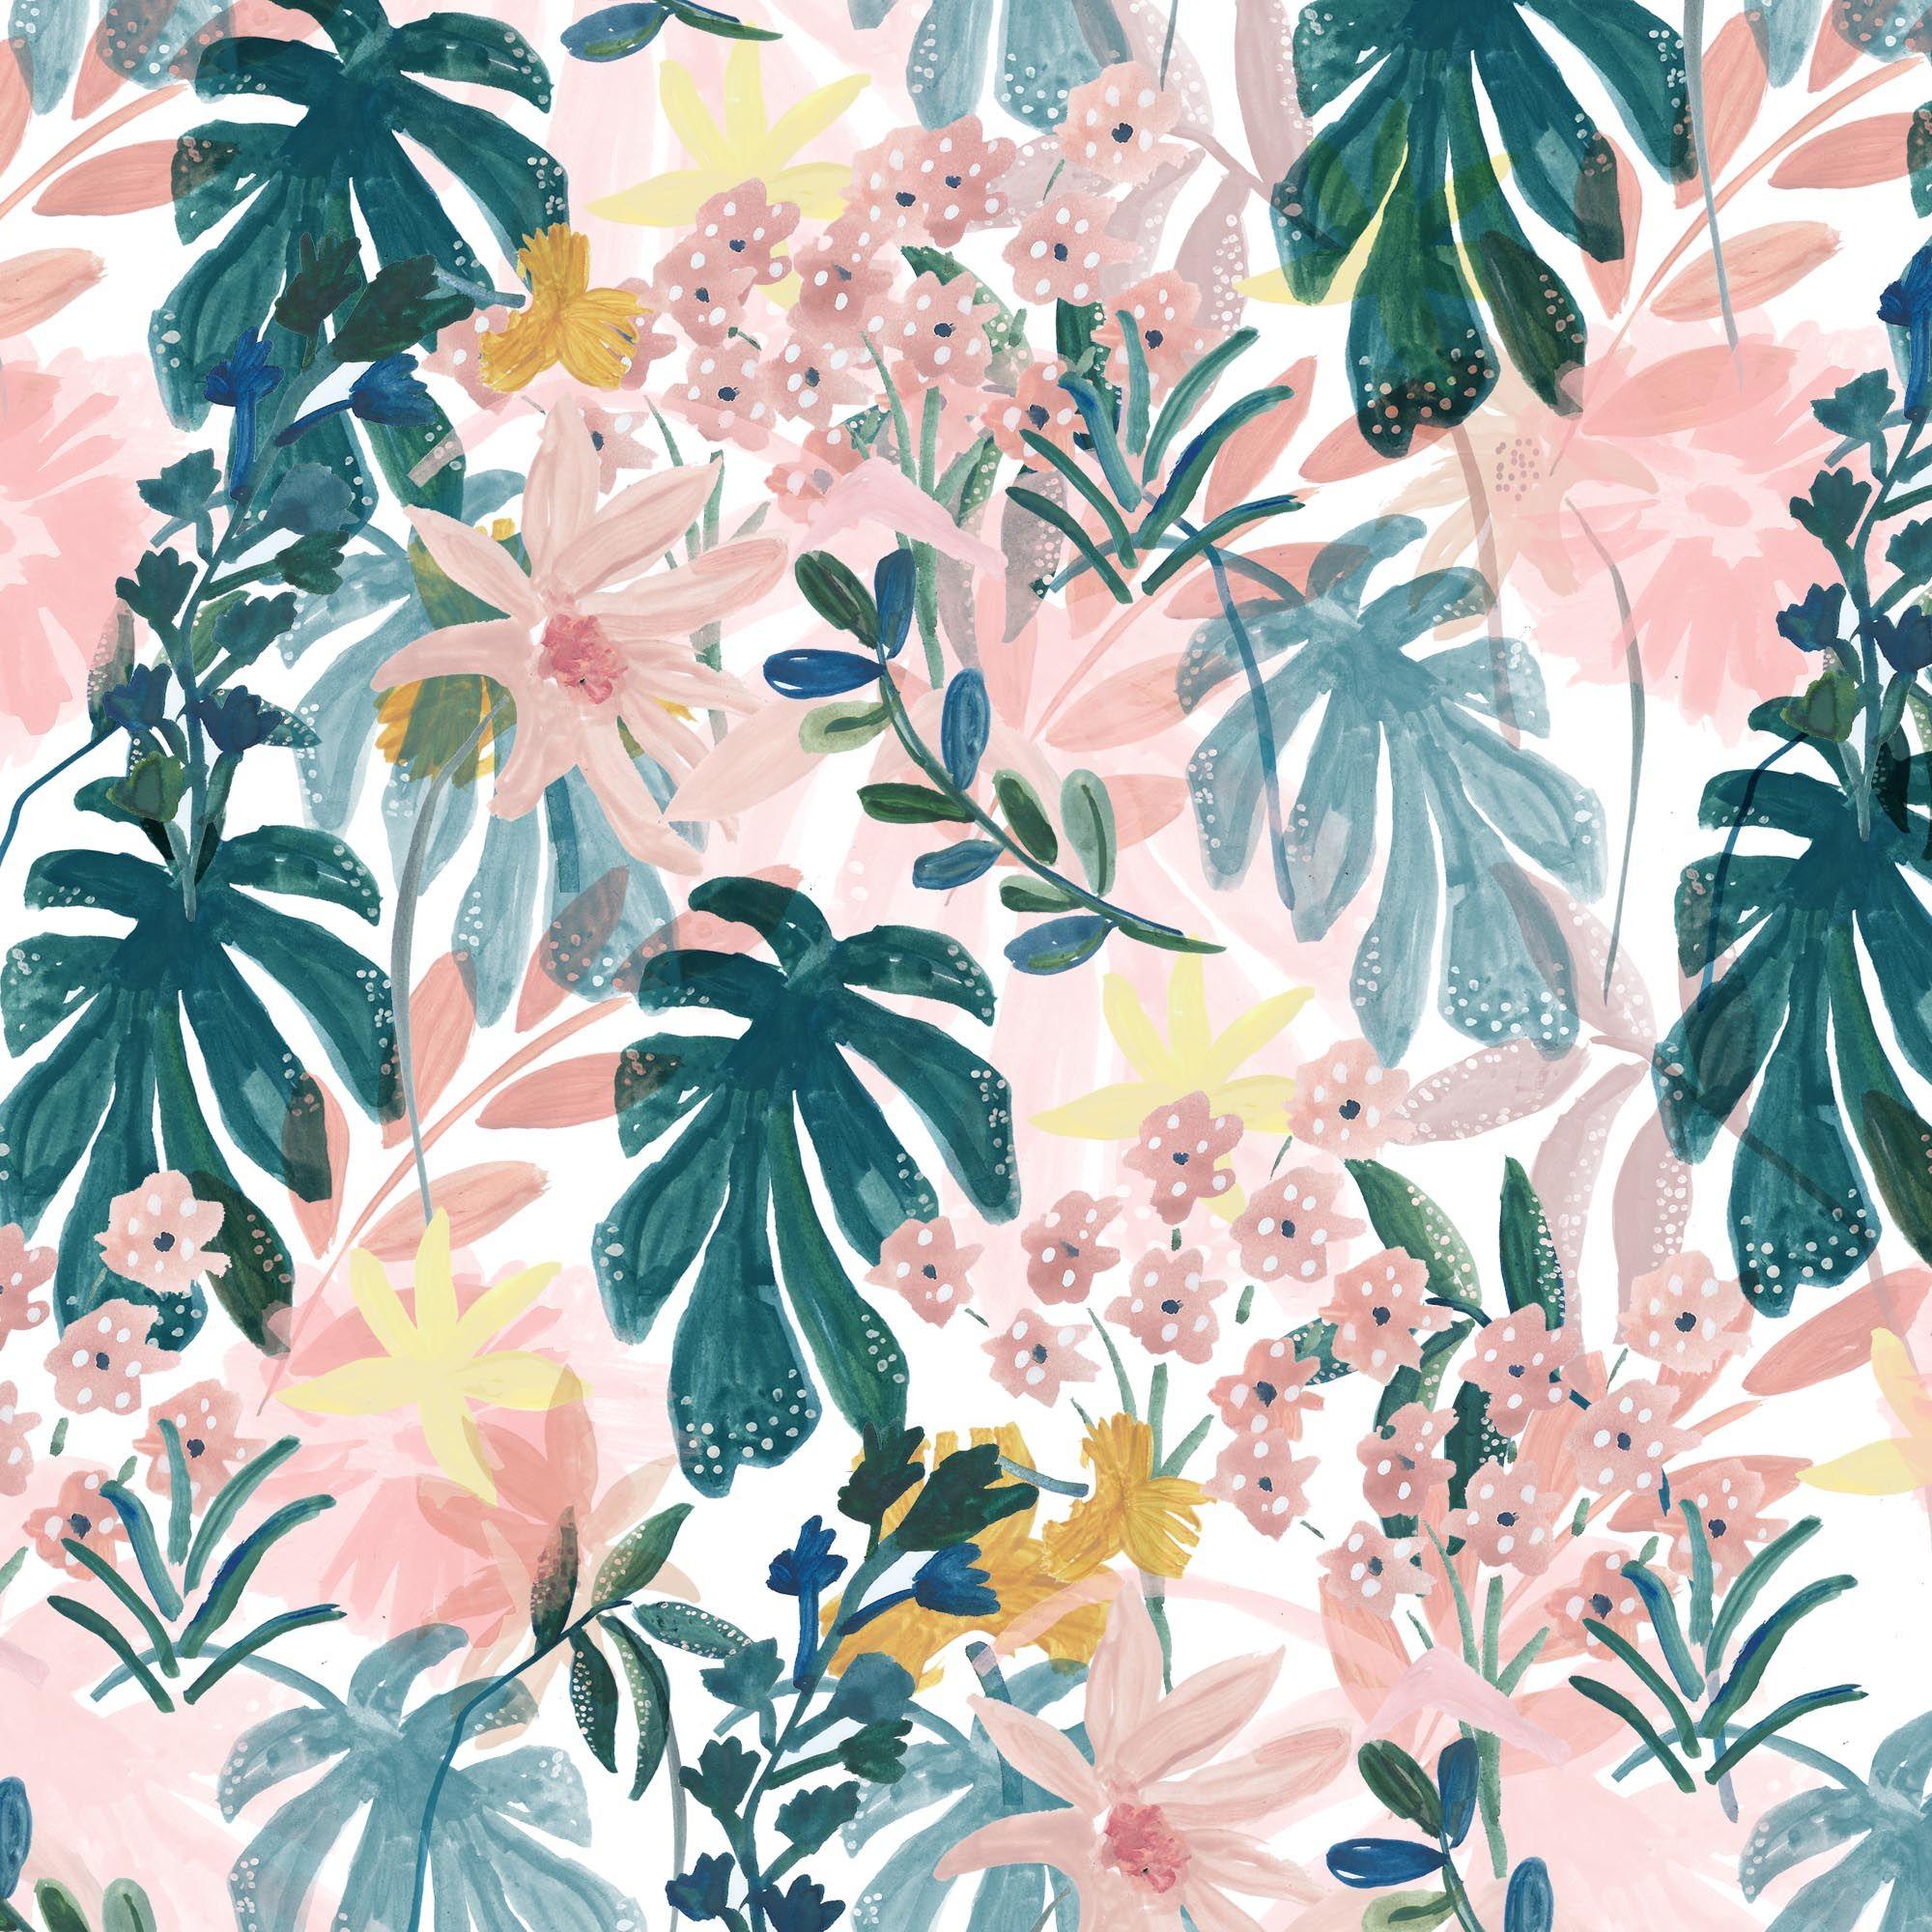 Floral pattern, flowers, springtime, pattern design ...